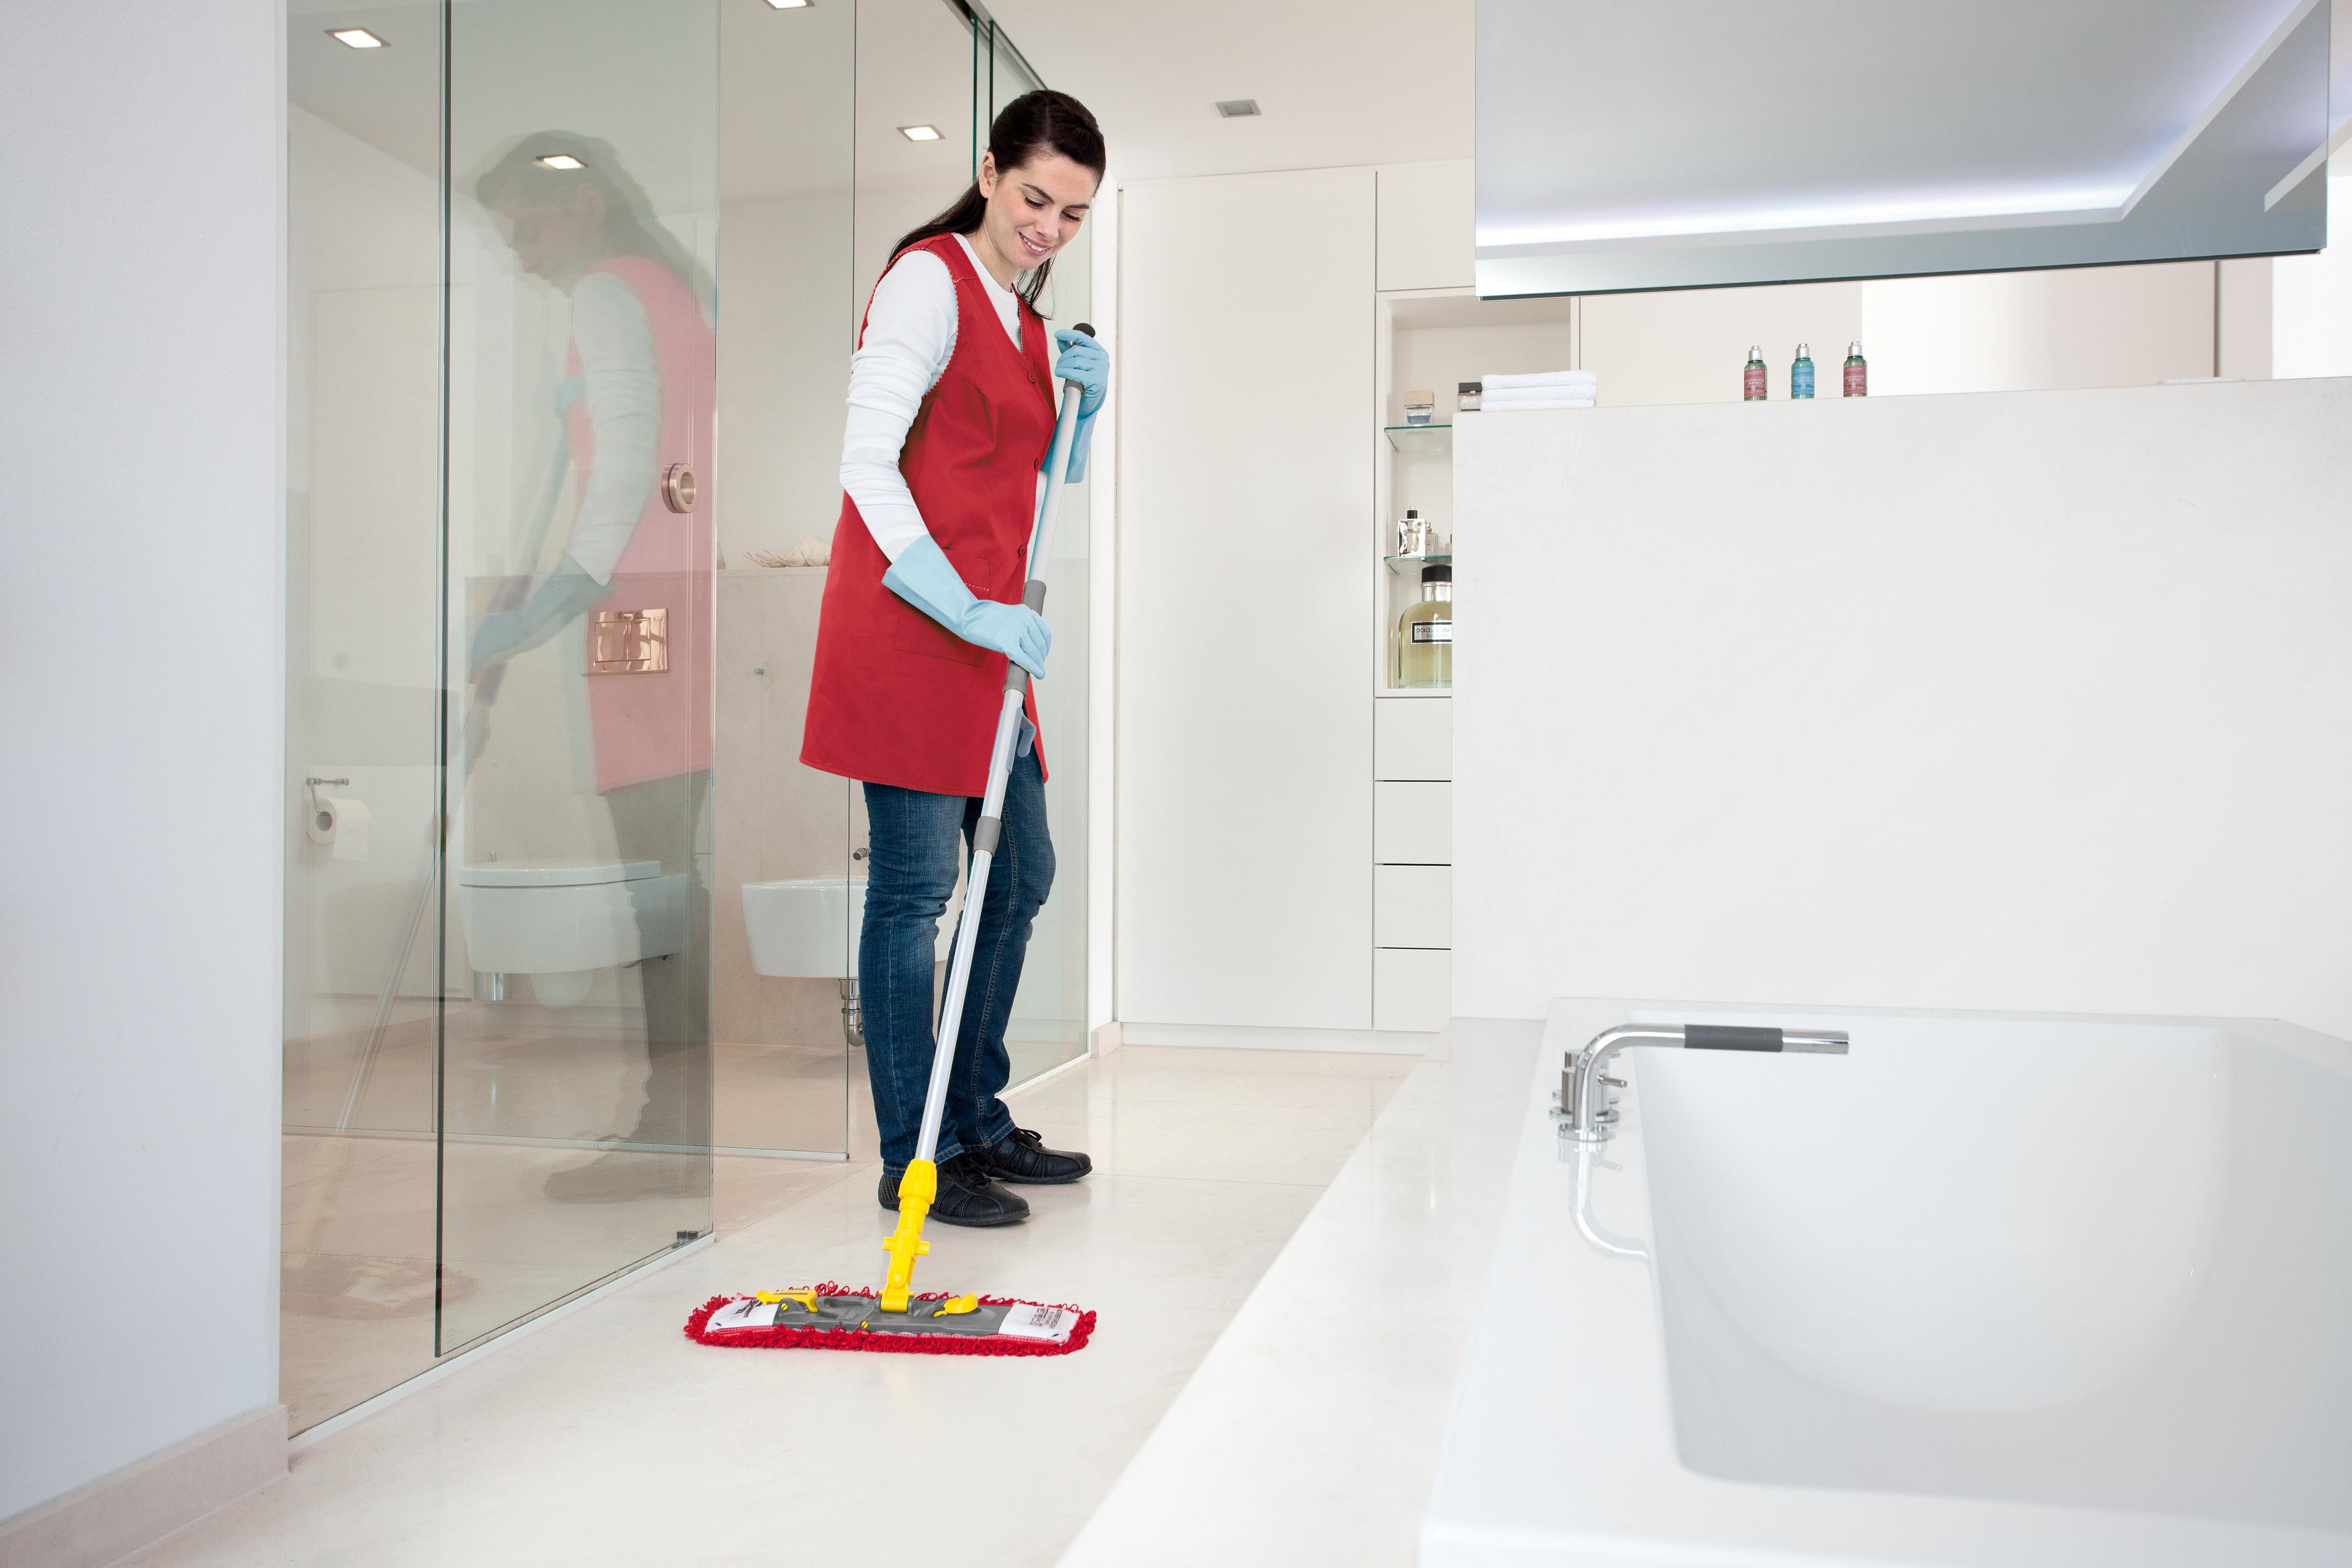 Hygienische Reinigung mit der Wechseltuchmethode